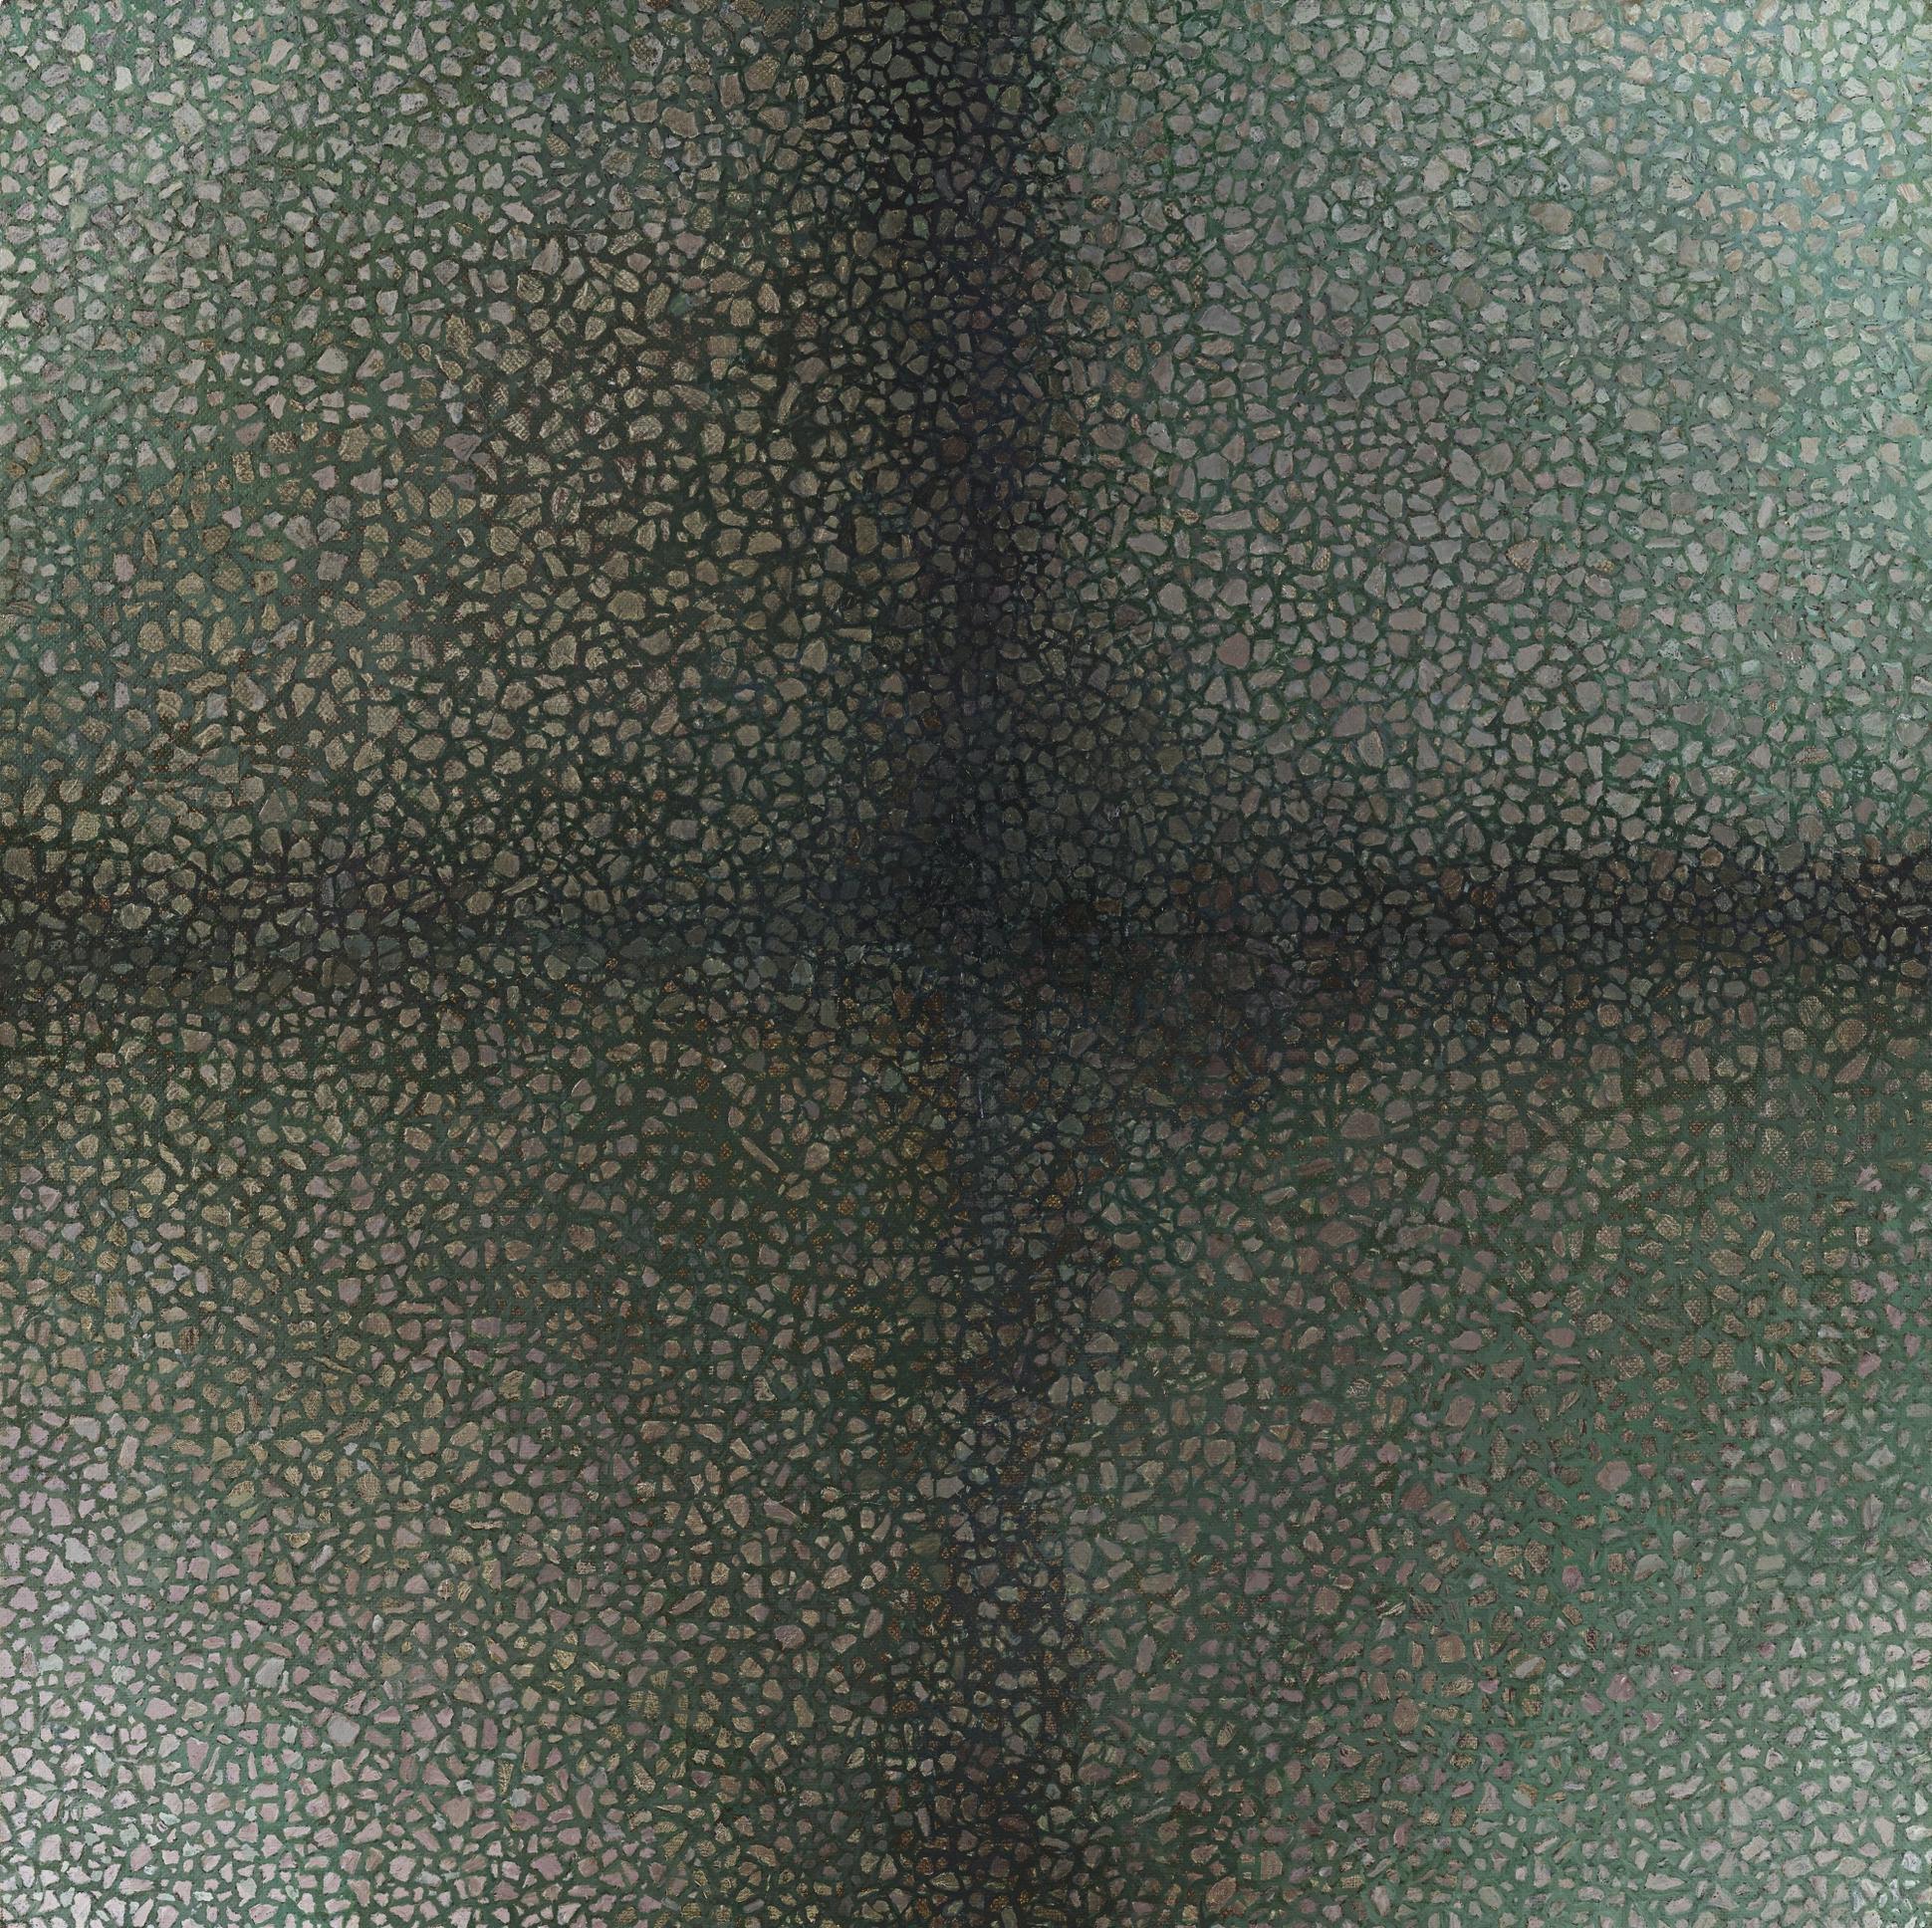 Wang Guangle-Terrazzo-2002